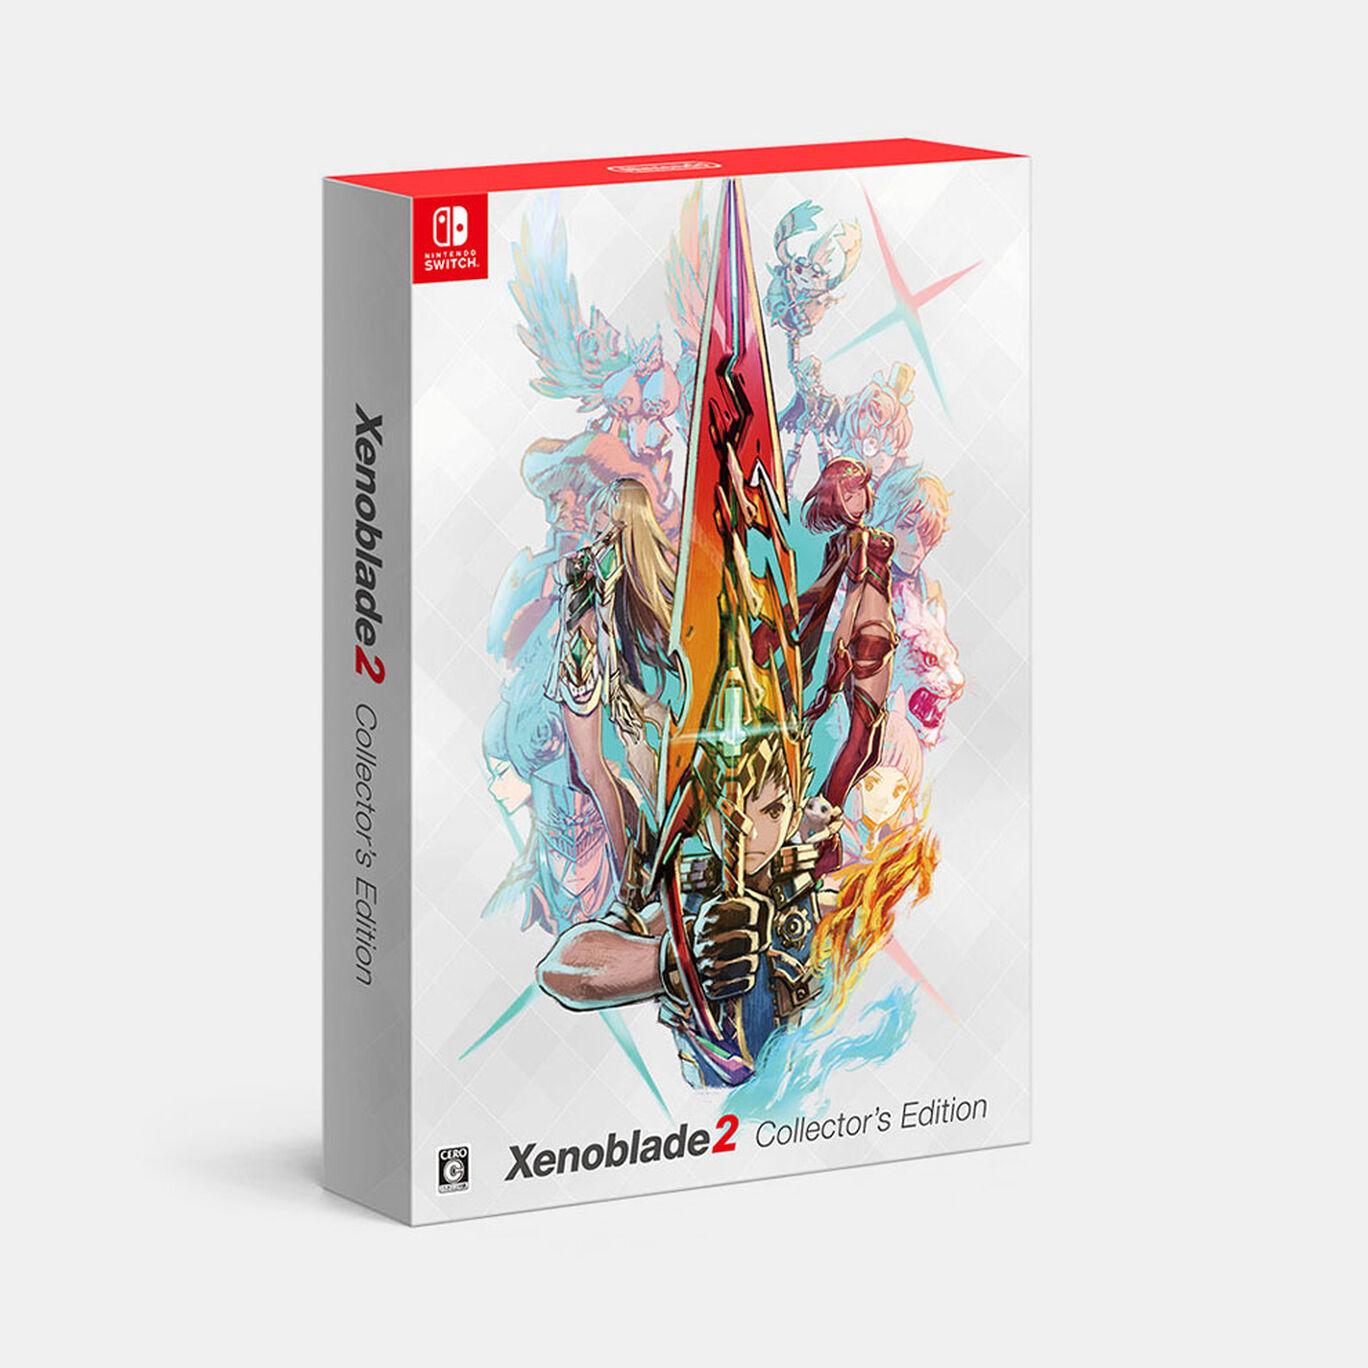 Xenoblade2 Collector's Edition